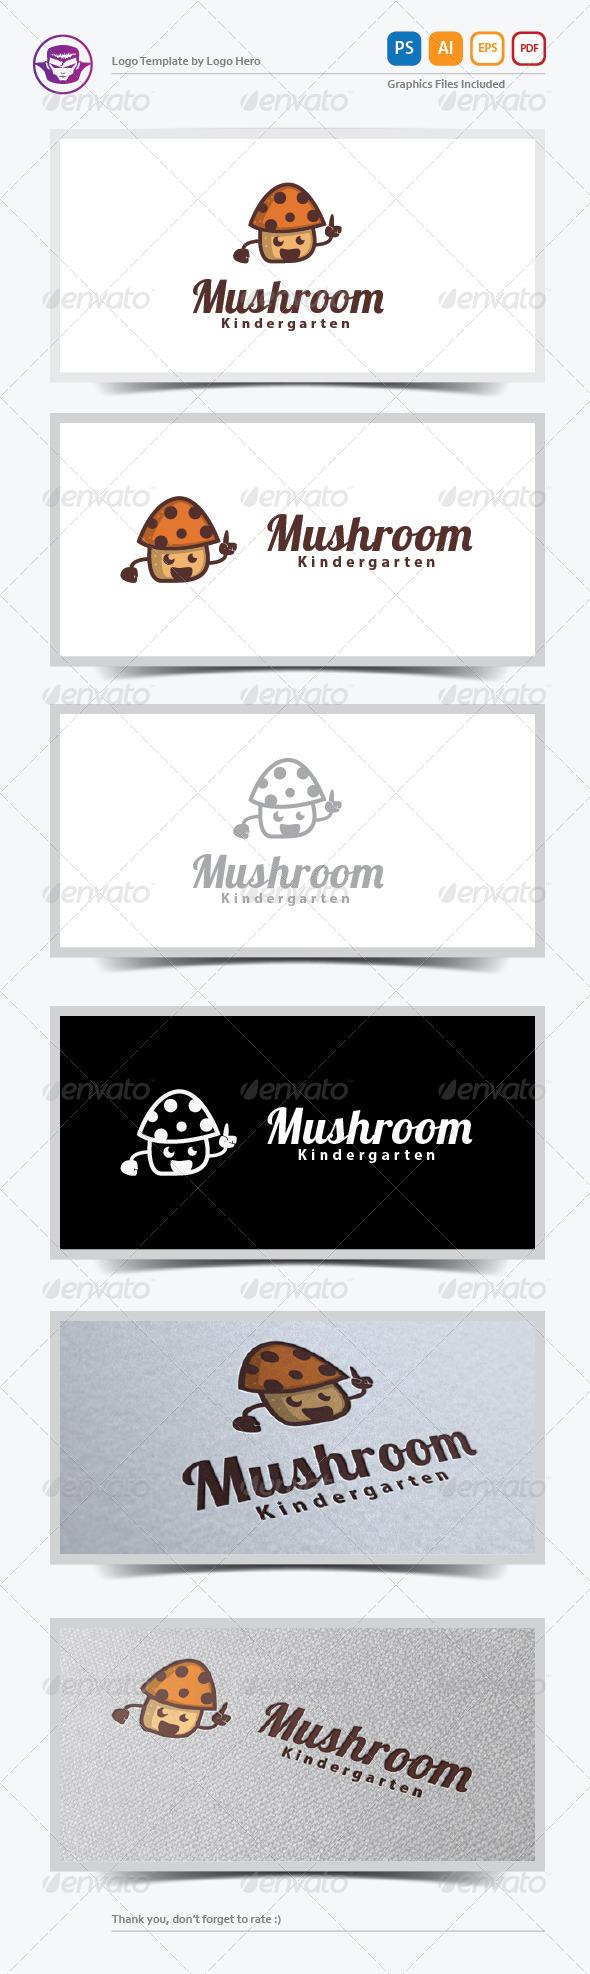 GraphicRiver Mushroom Logo Template 5892444